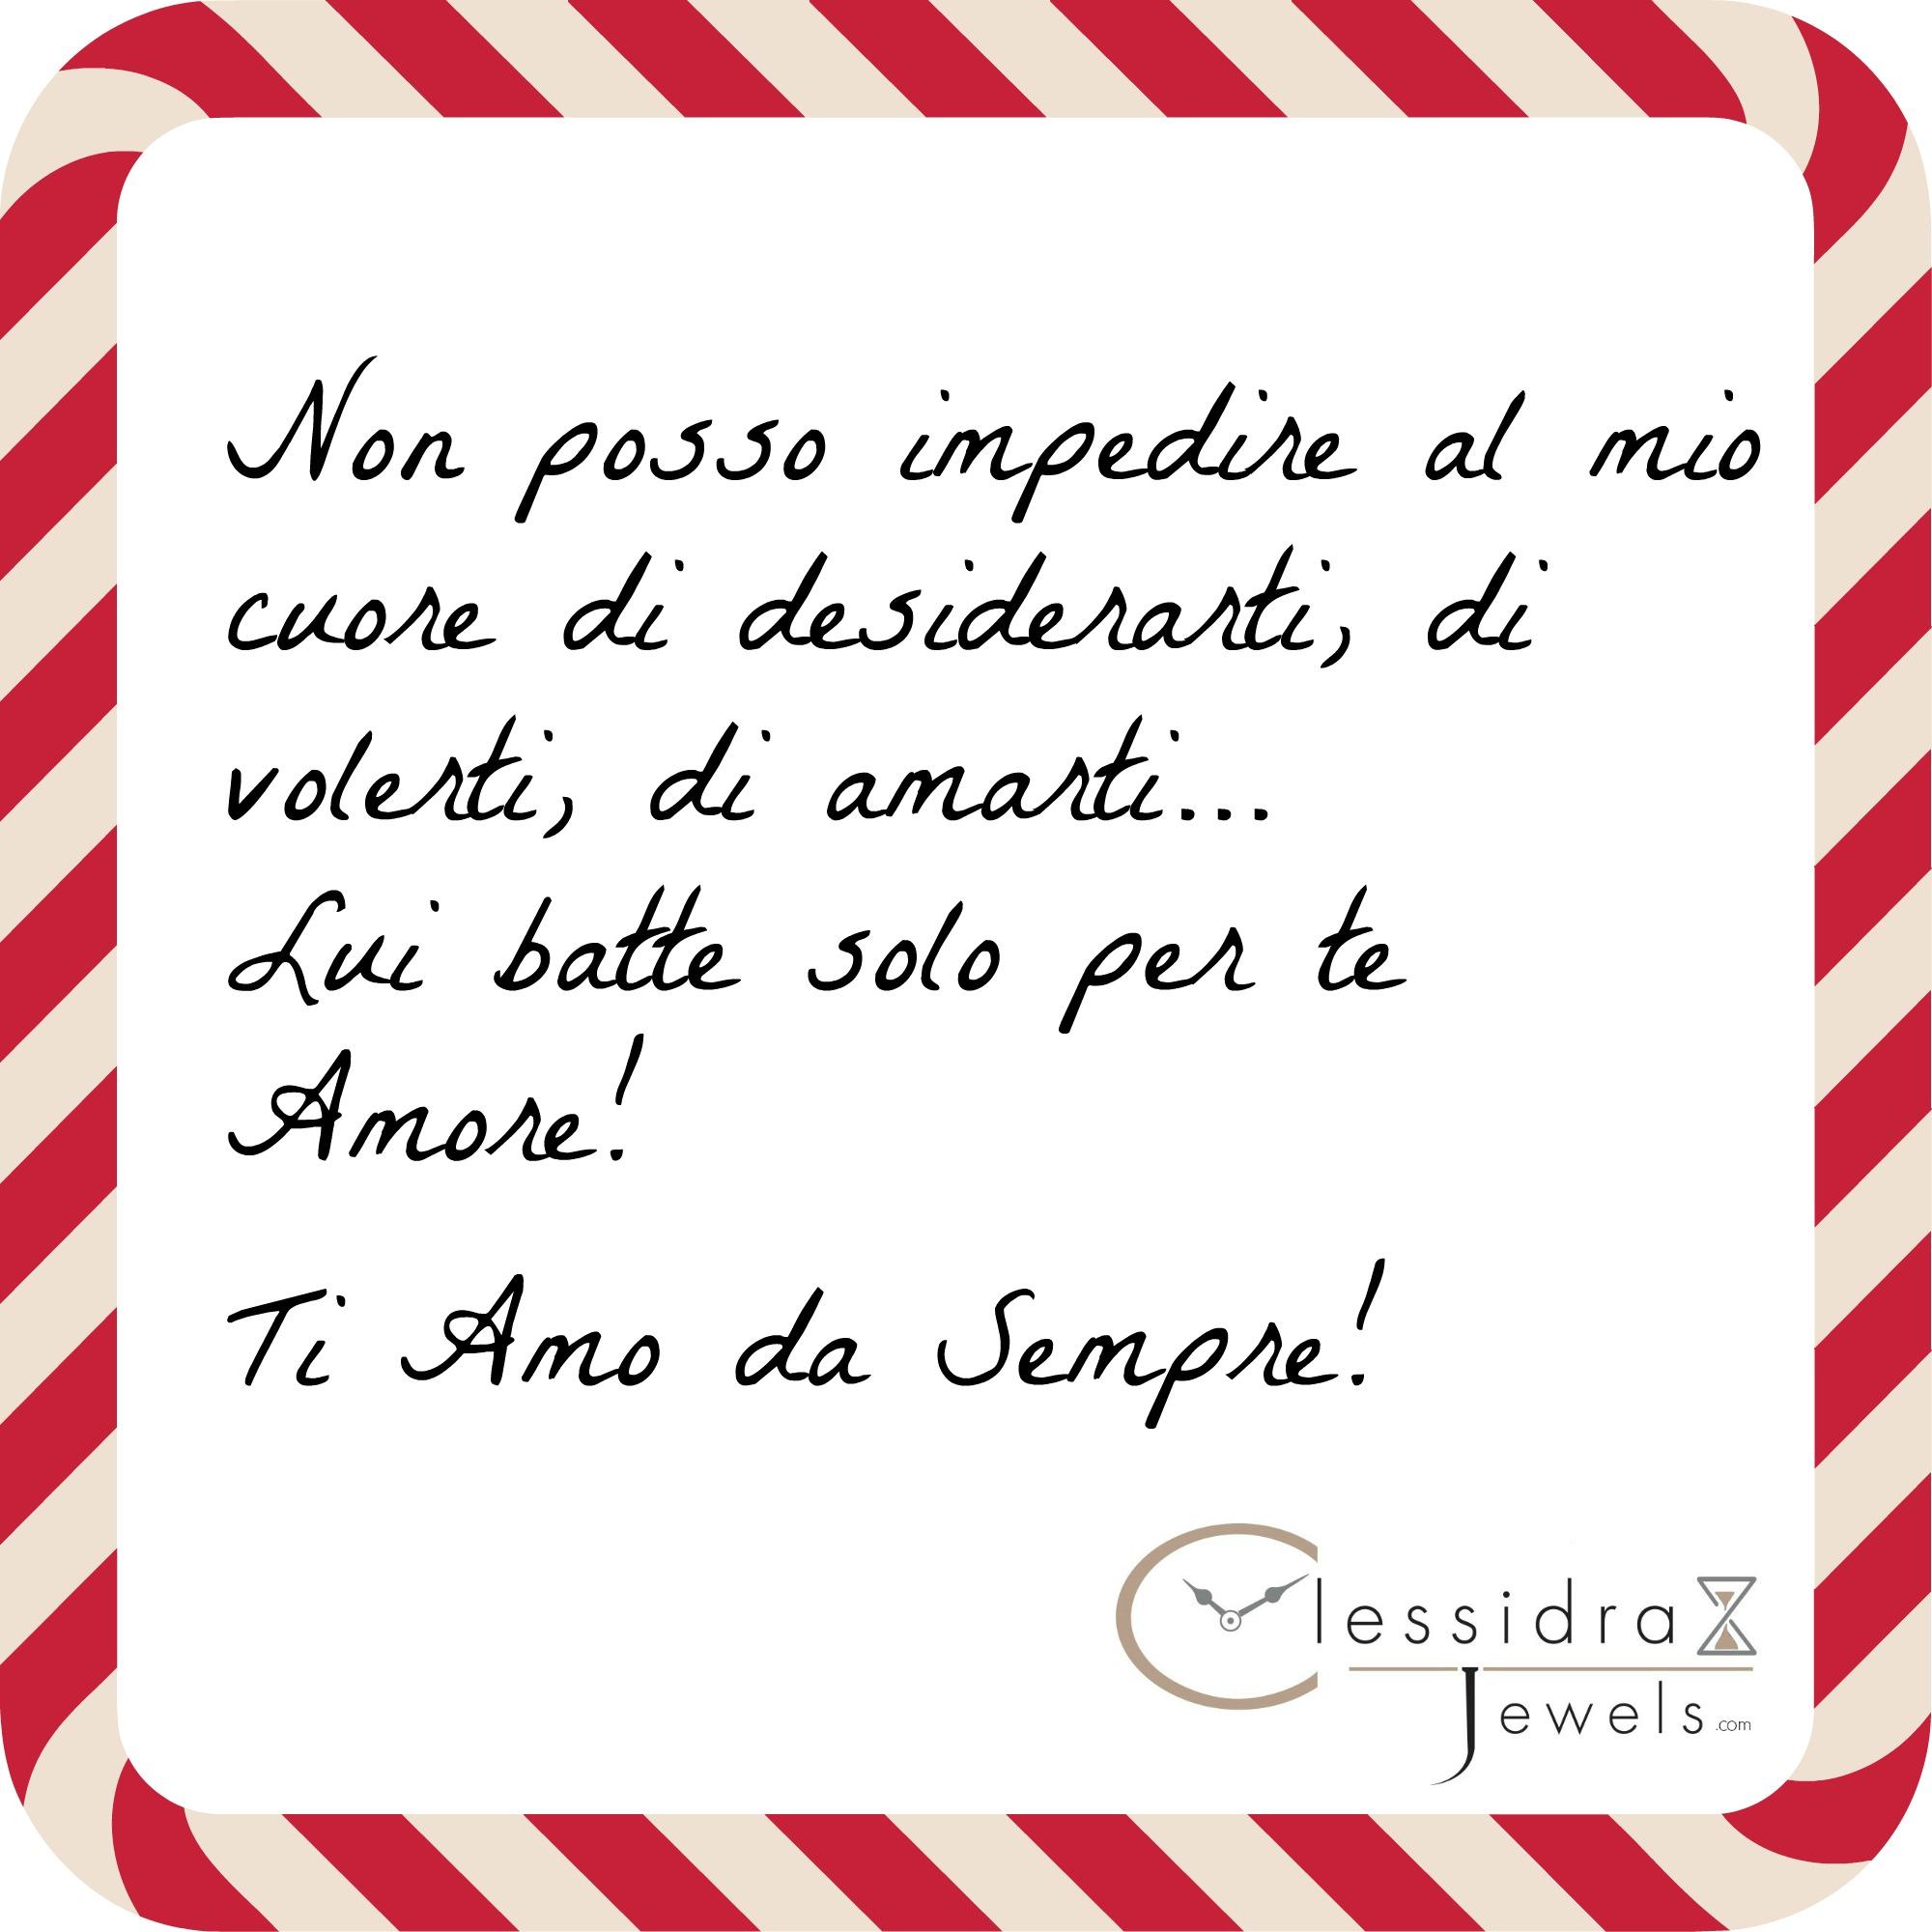 Frasi Di Natale Amore.Frasi D Amore Per Natale Bswittetulp